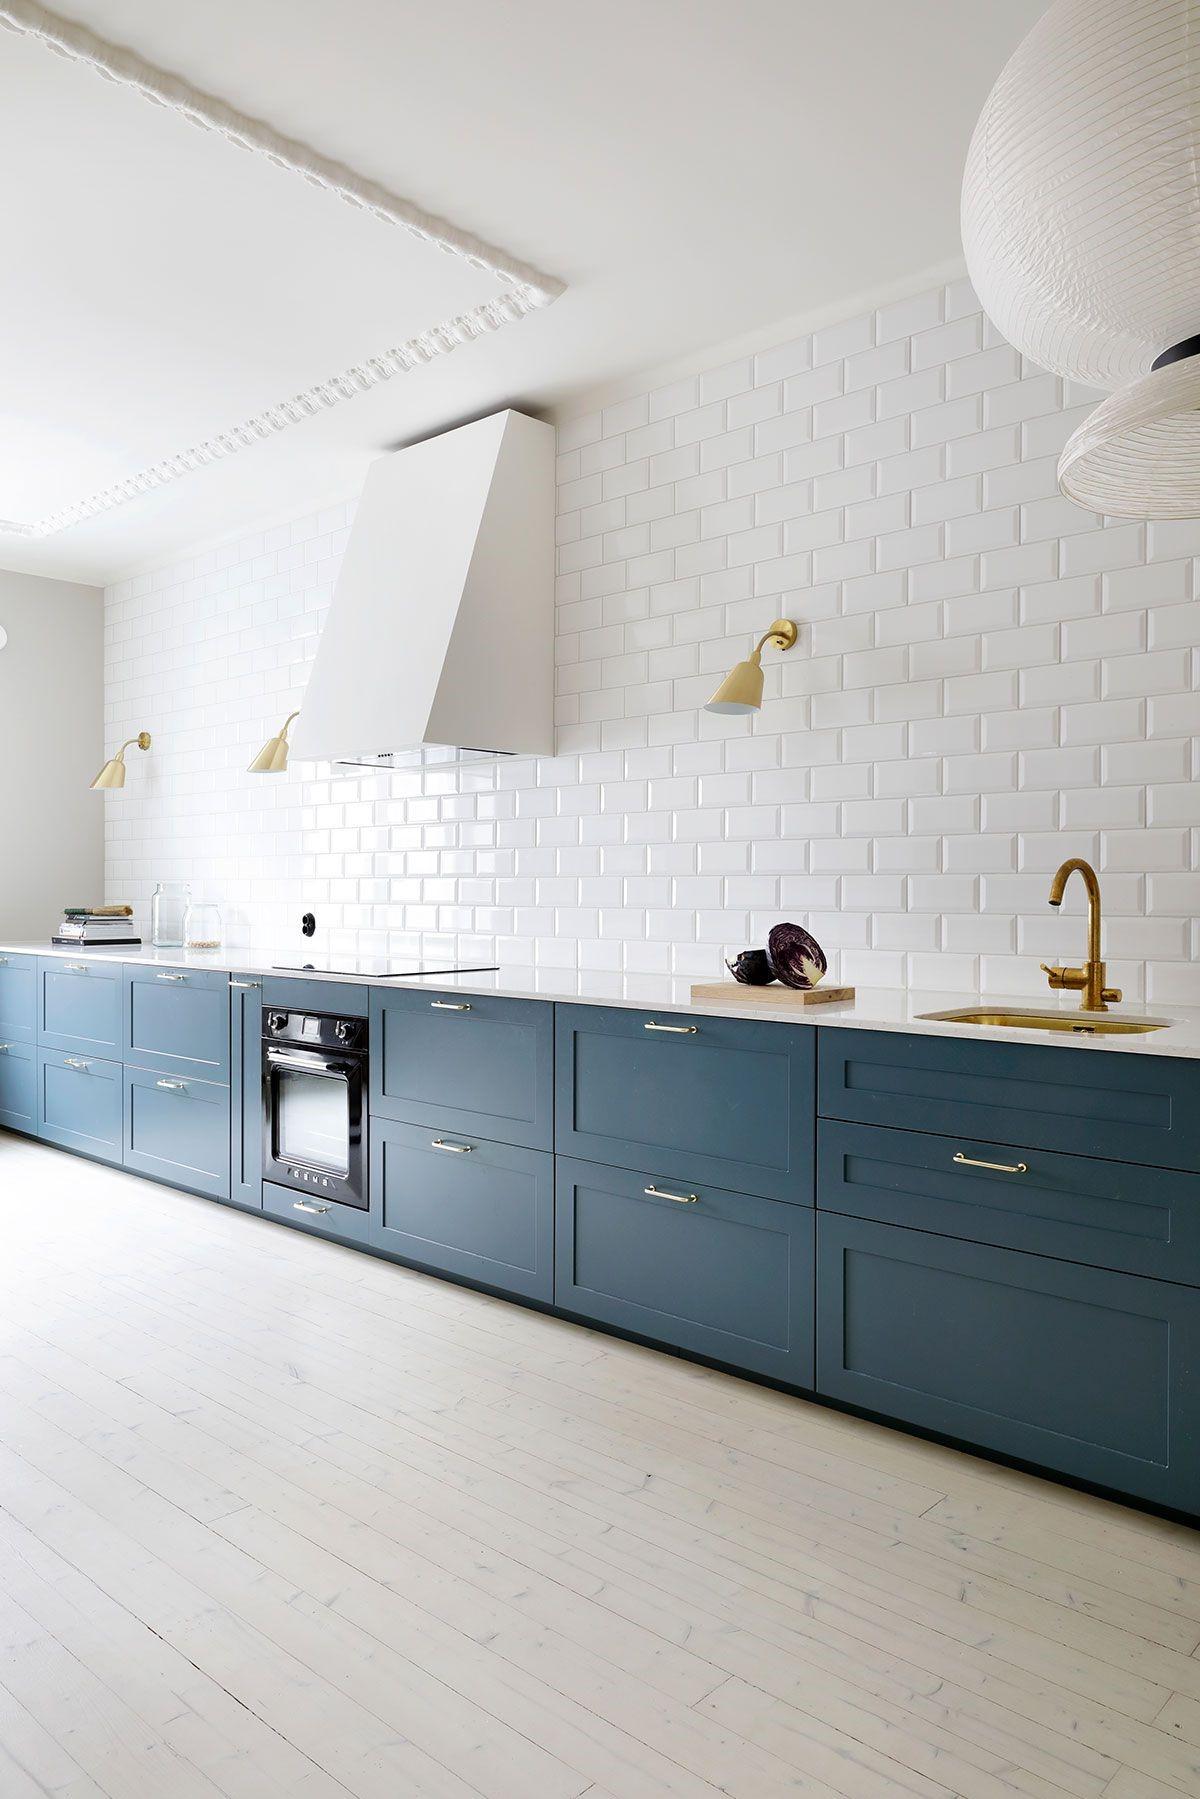 Cuisine bleu canard moderne.